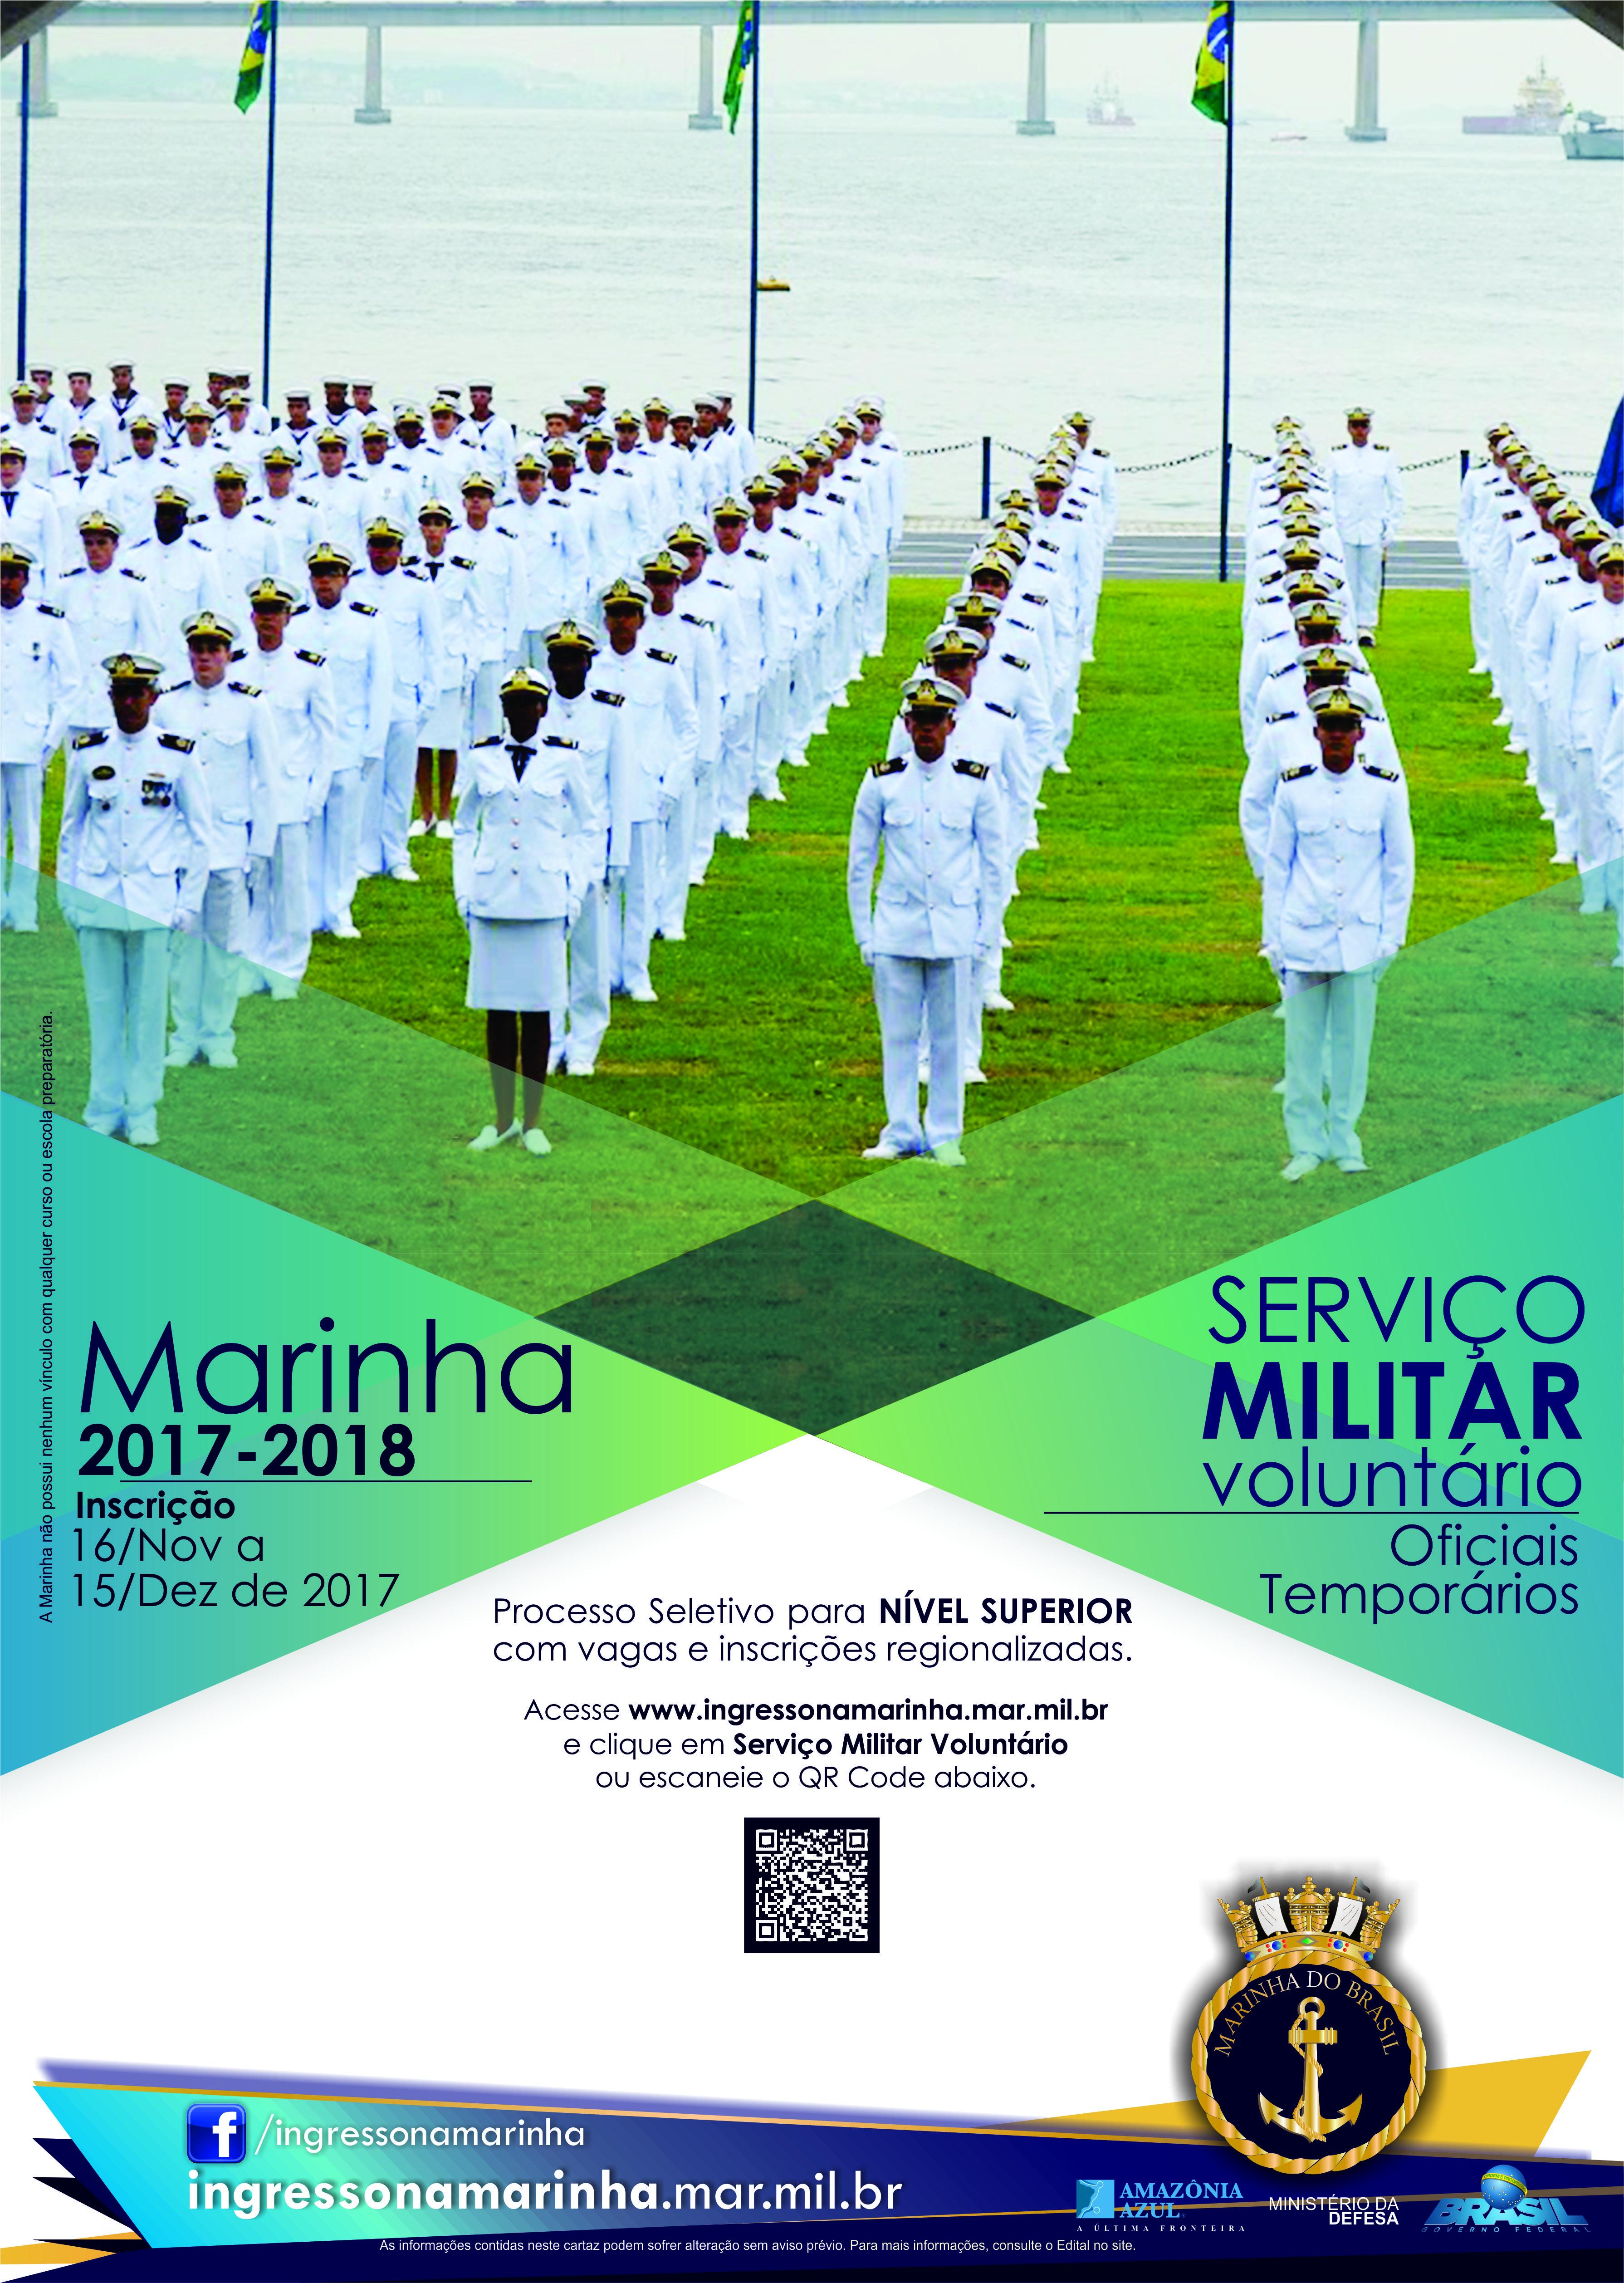 Marinha do Brasil abre processo seletivo para oficiais temporários